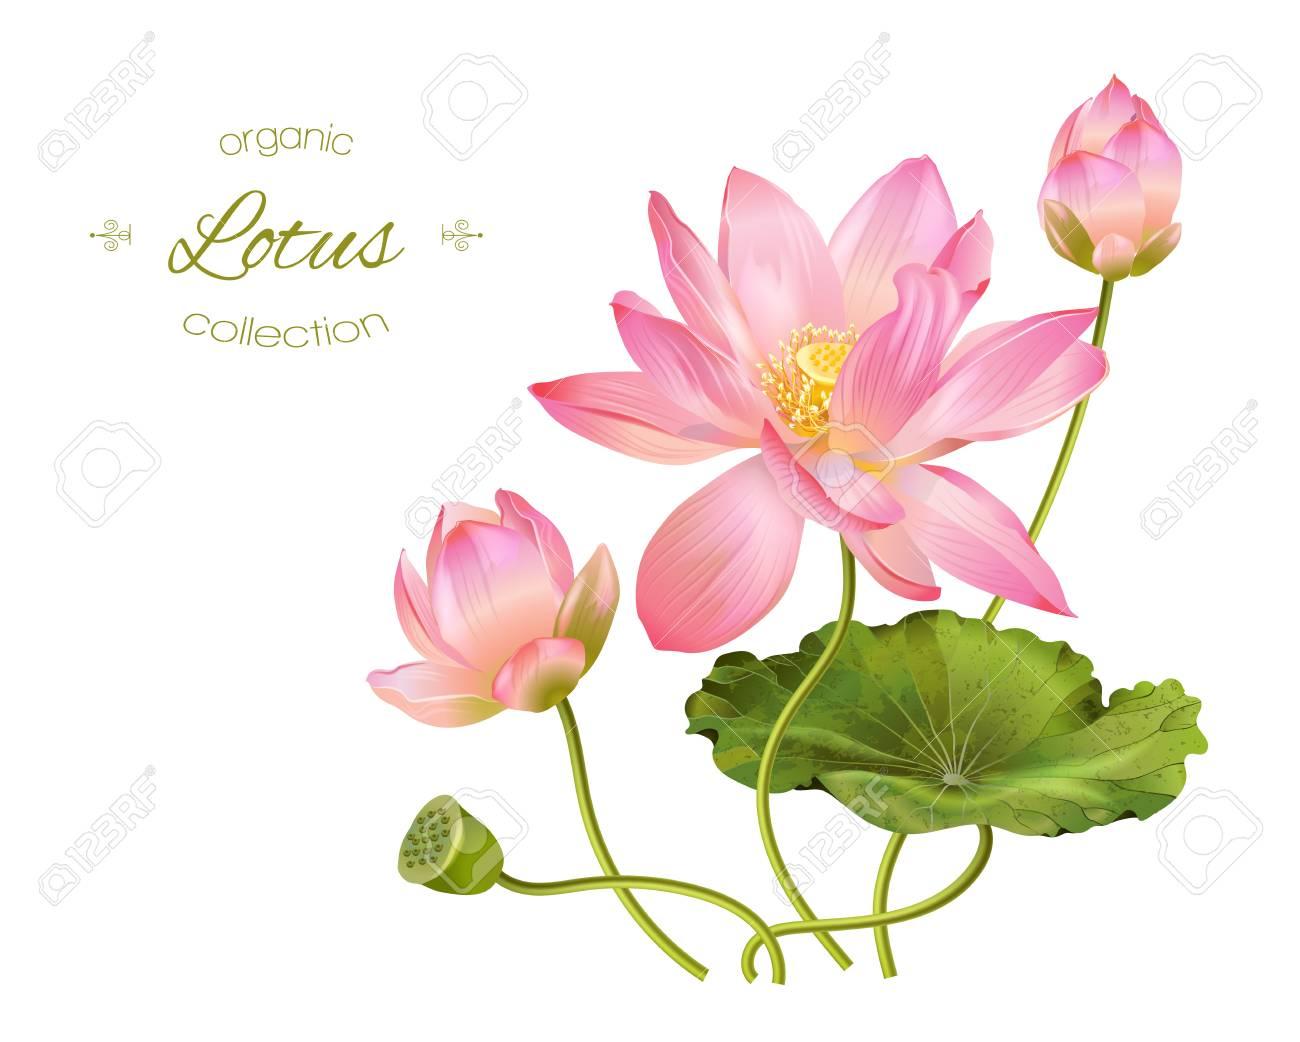 Lotus realistic illustration - 70077447